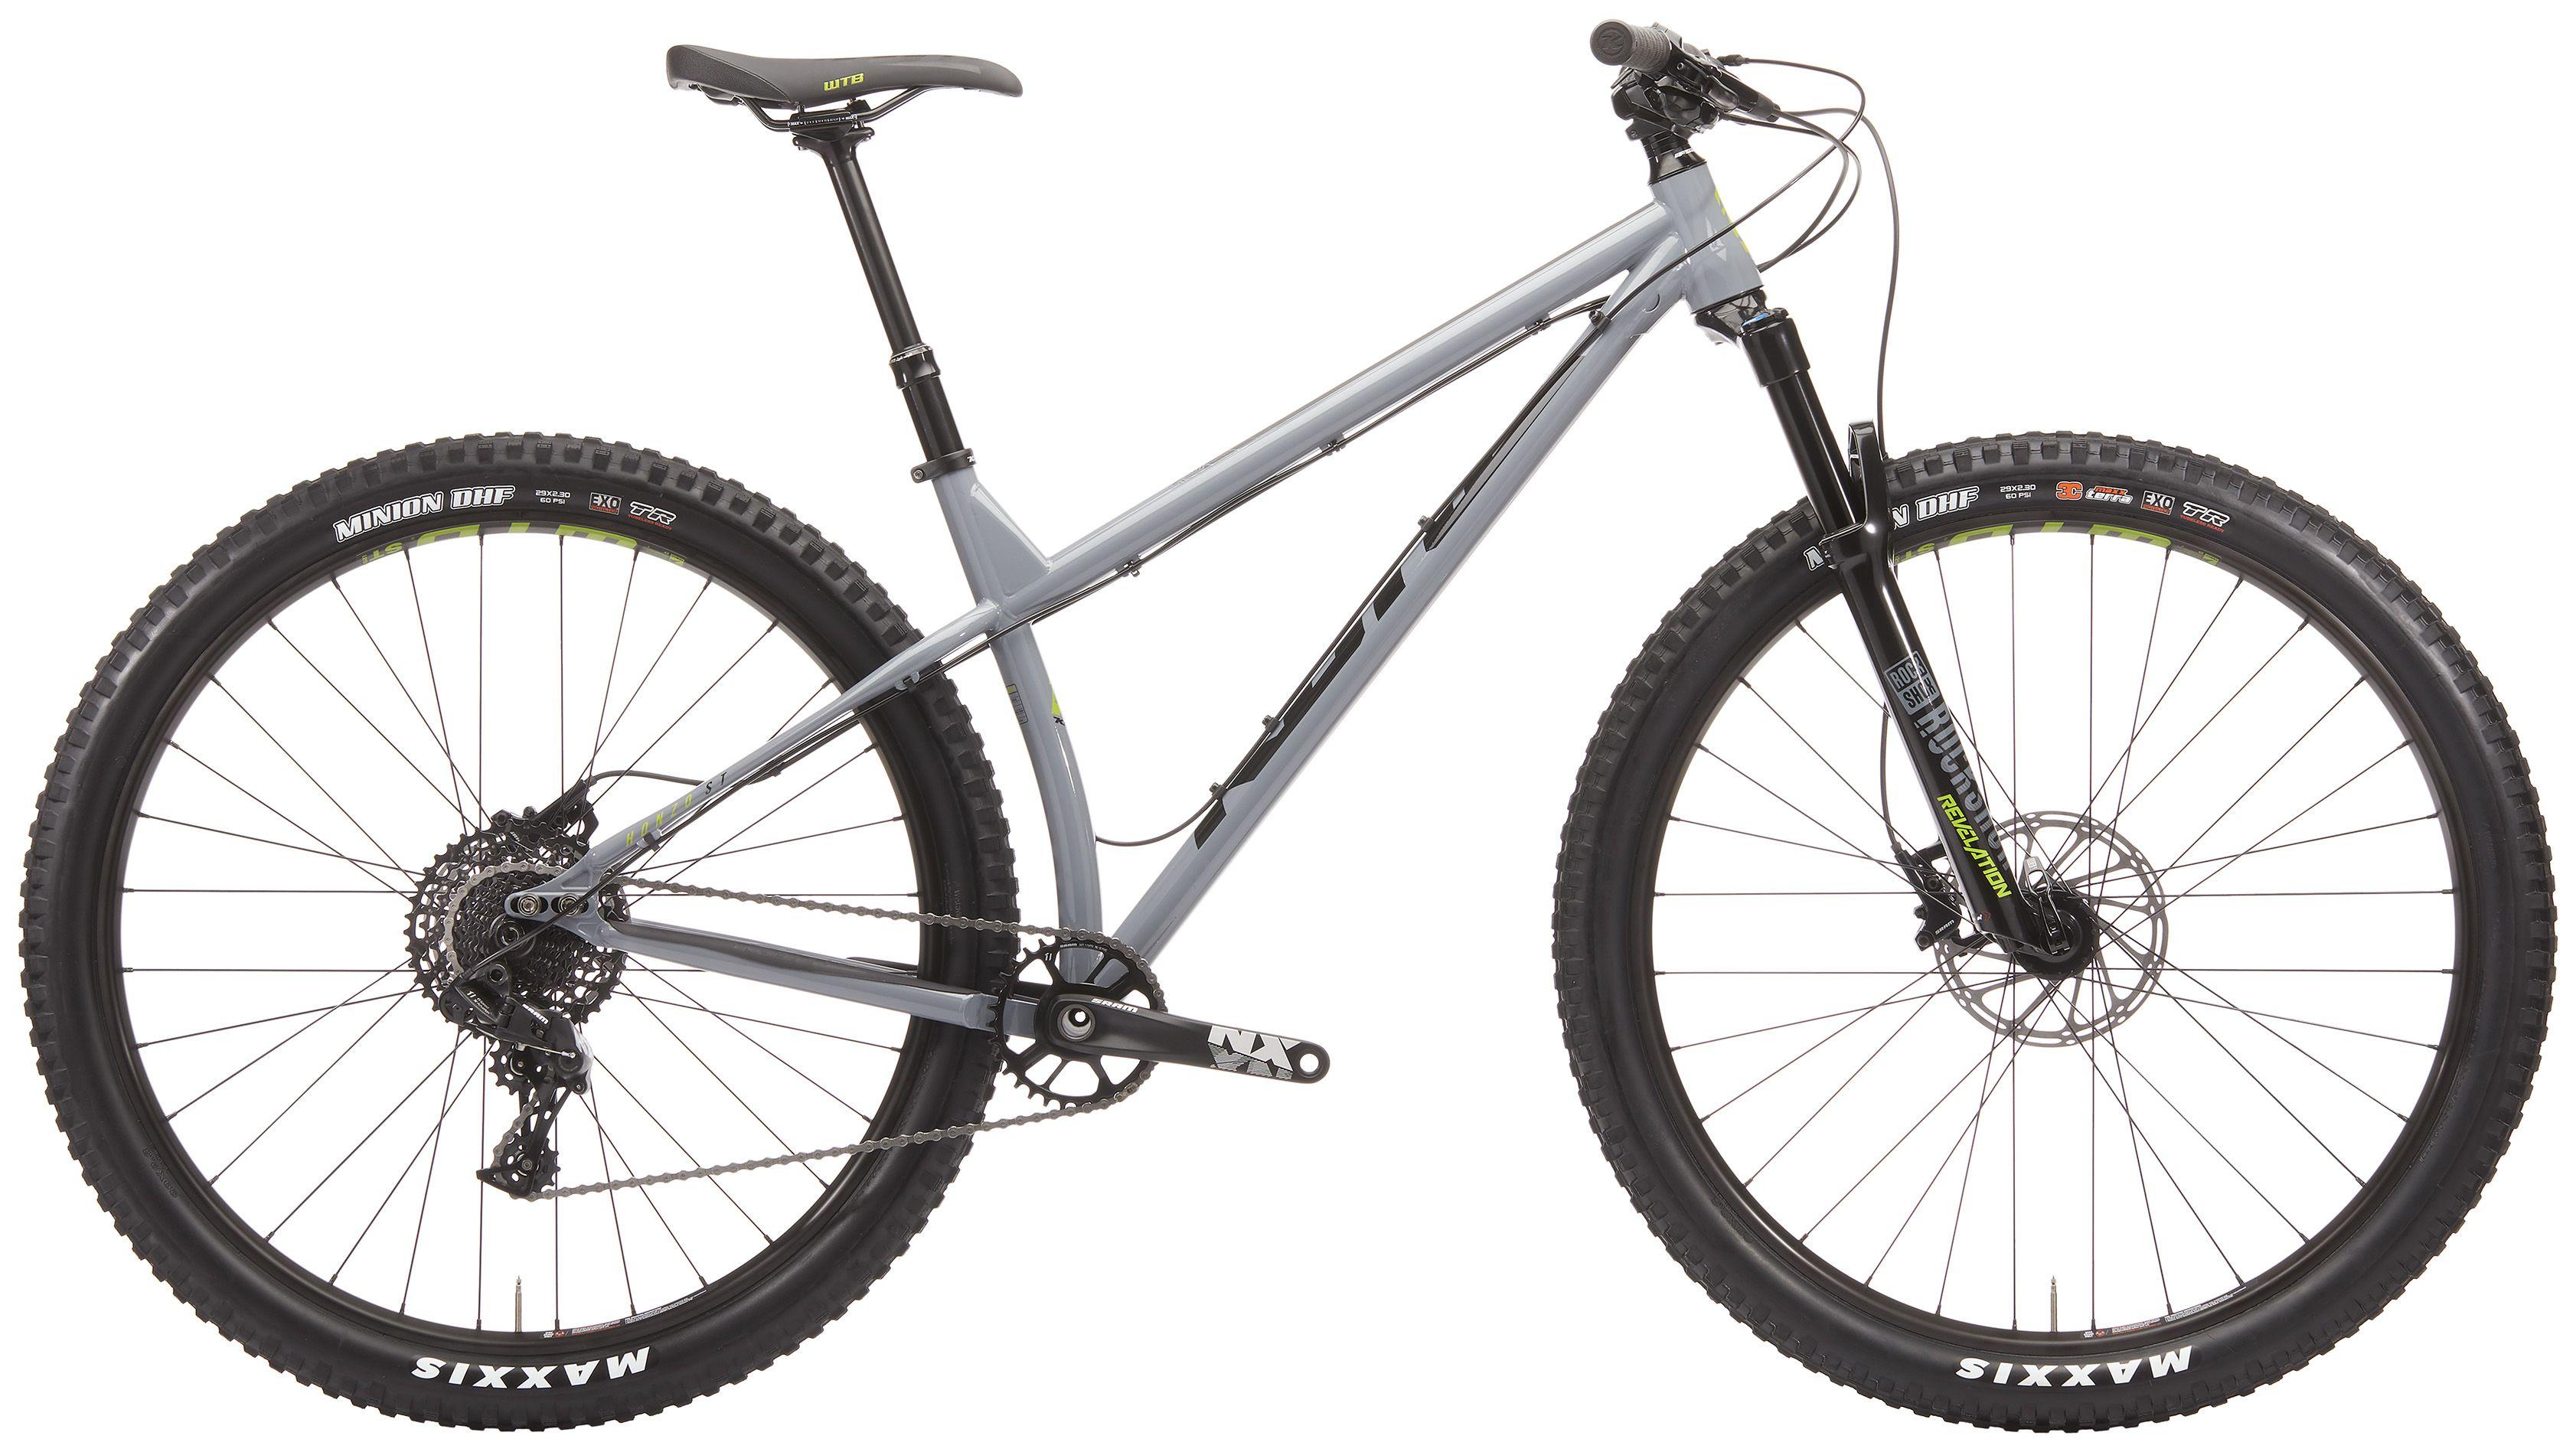 Kona Honzo St 29er Mountain Bike 2020 | Mountainbikes